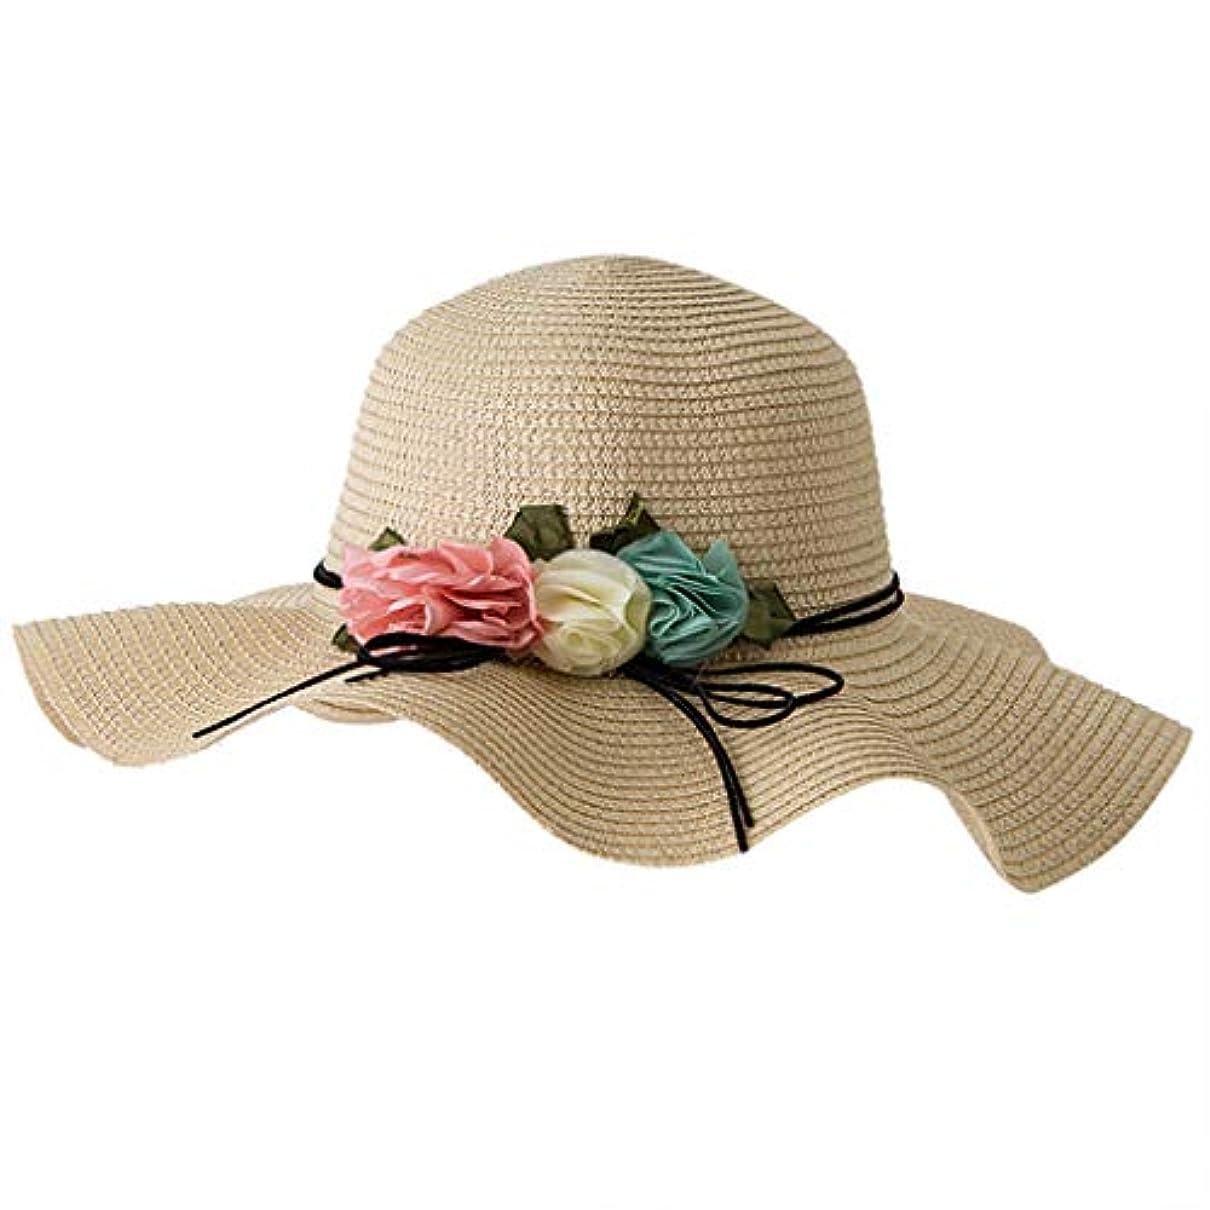 ランドリーインタビュー期待アウトドアファッションビッグバイザー UVカット 帽子 レディース 春用帽子 小顔効果 折りたため 日よけ帽子 高性能 高耐久性 女性の春と夏の無地のコットンキャップ 漁師の帽子 流域キャップ 日焼け対策 ROSE ROMAN